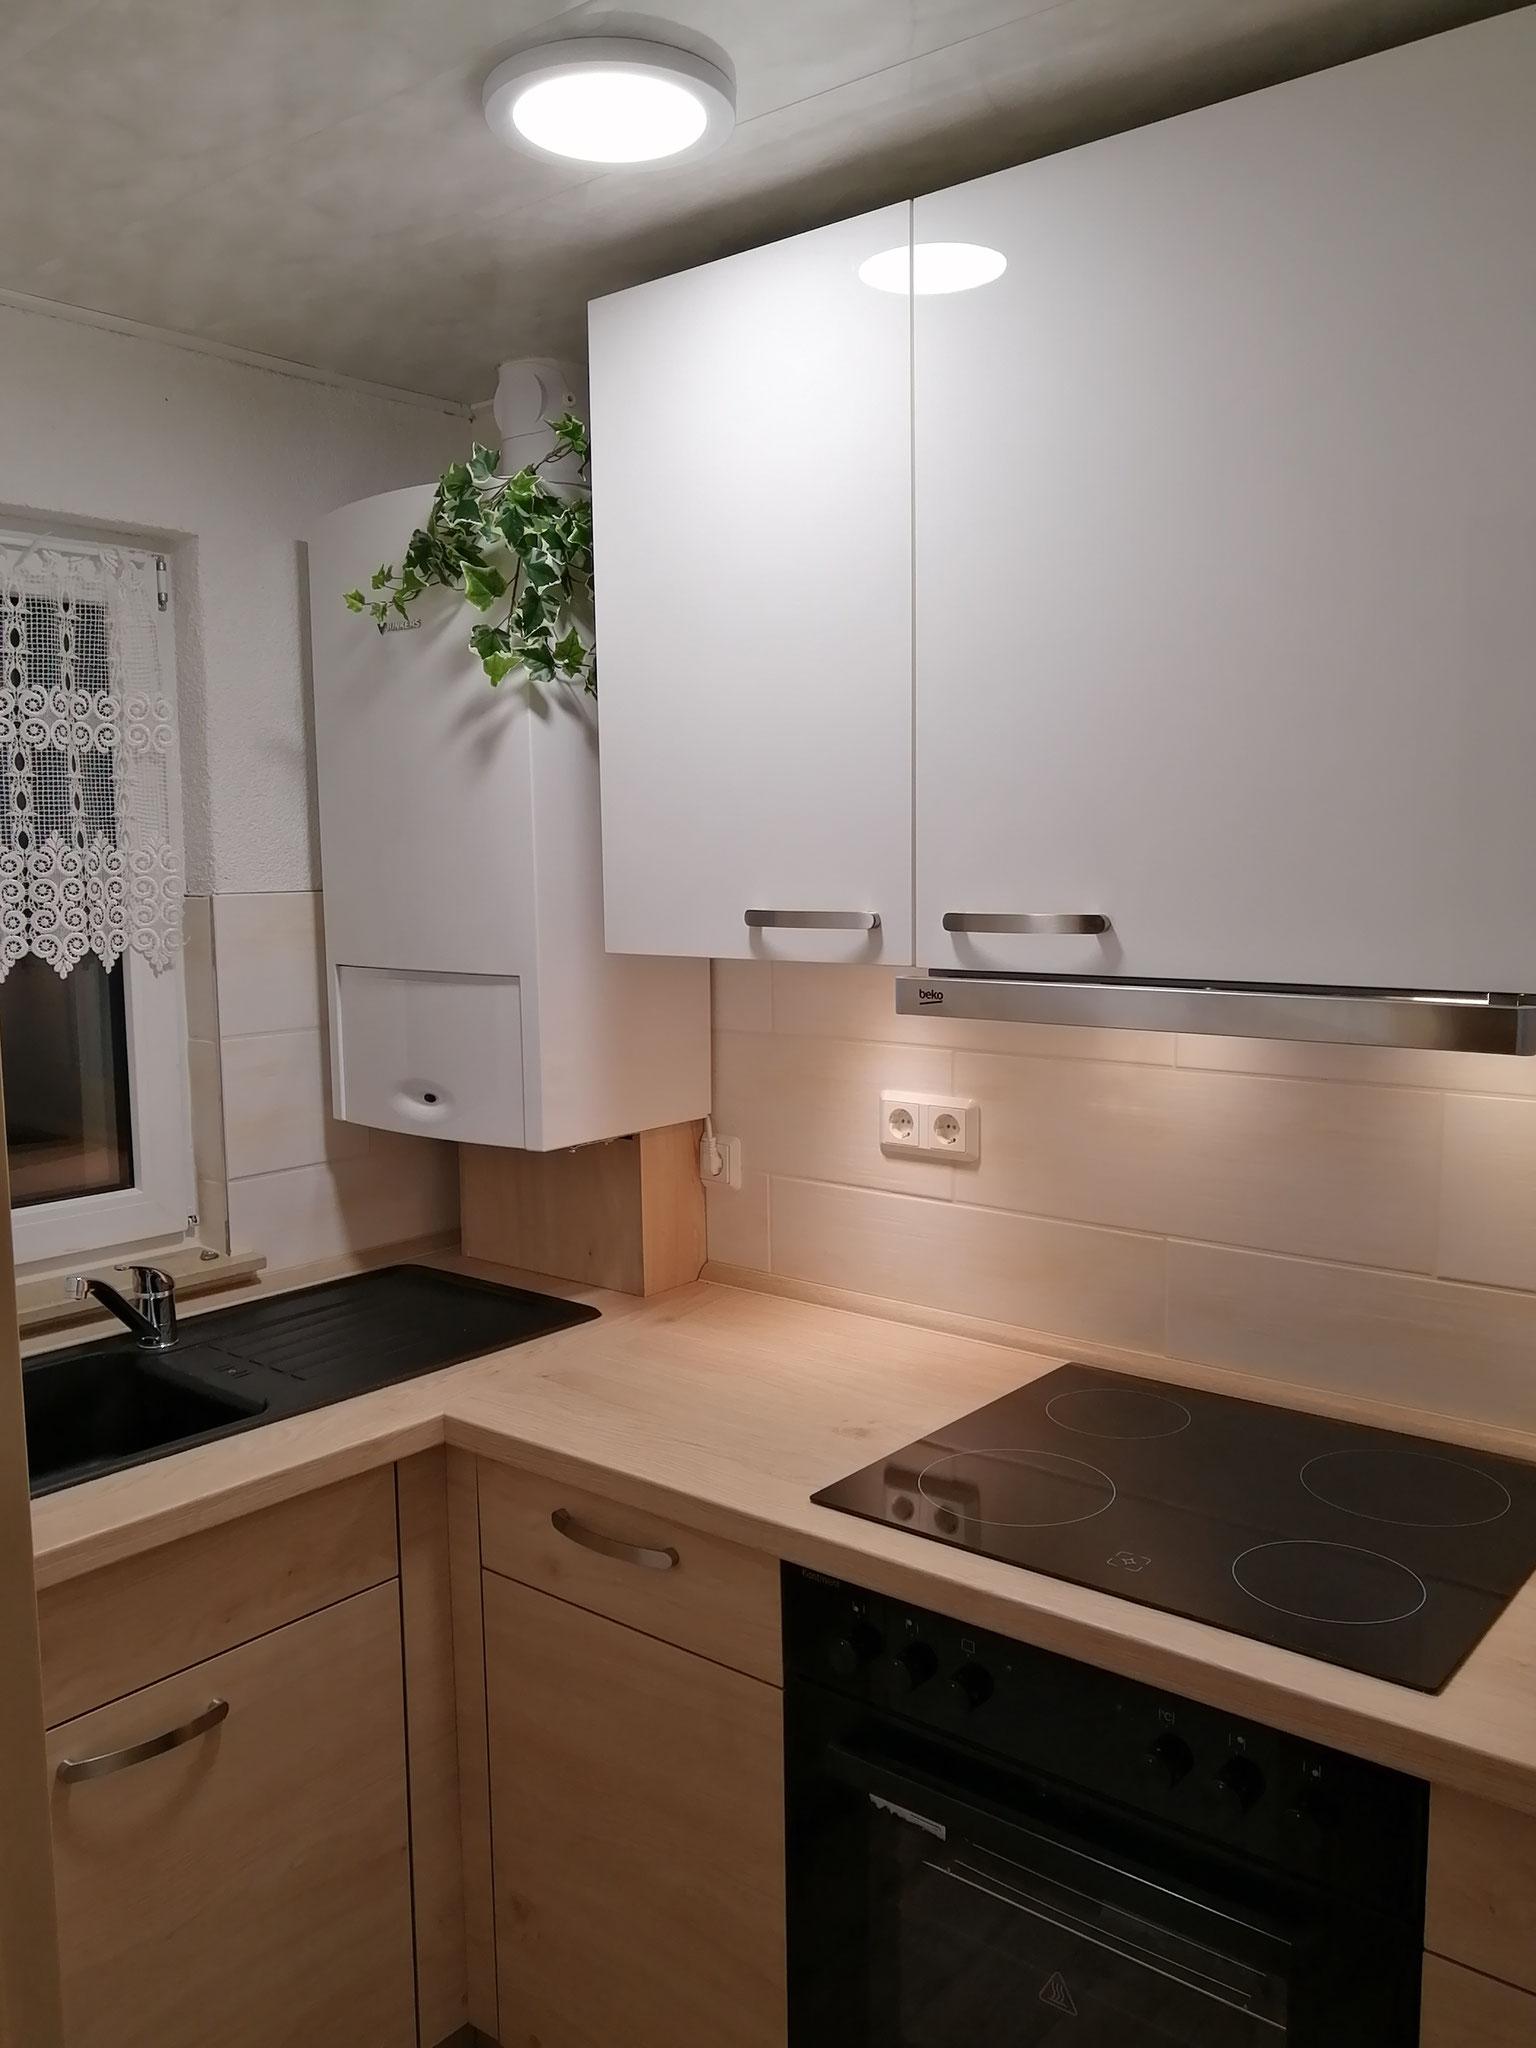 Komplett neu eingerichtete Küche